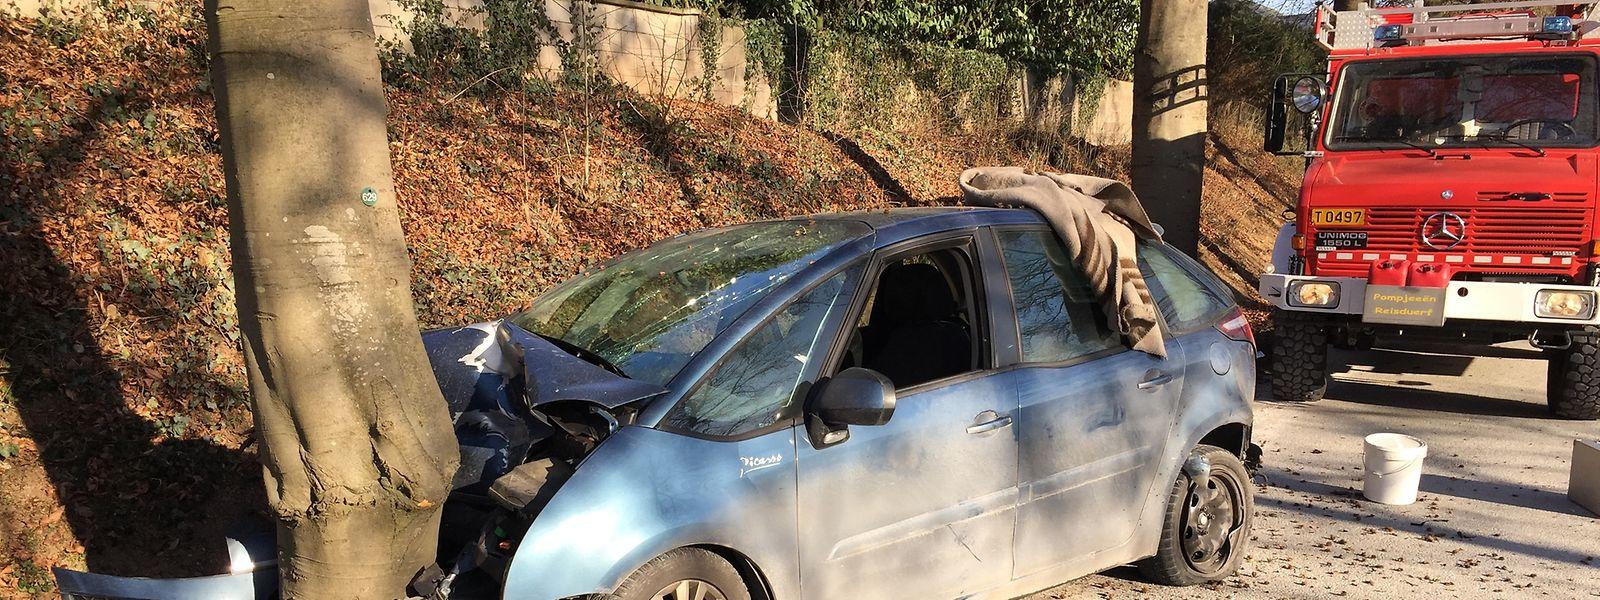 Der Insasse dieses Wagens war frontal in einen Baum geprallt, nachdem ihn ein anderer Fahrer beim Überholen touchiert hatte.